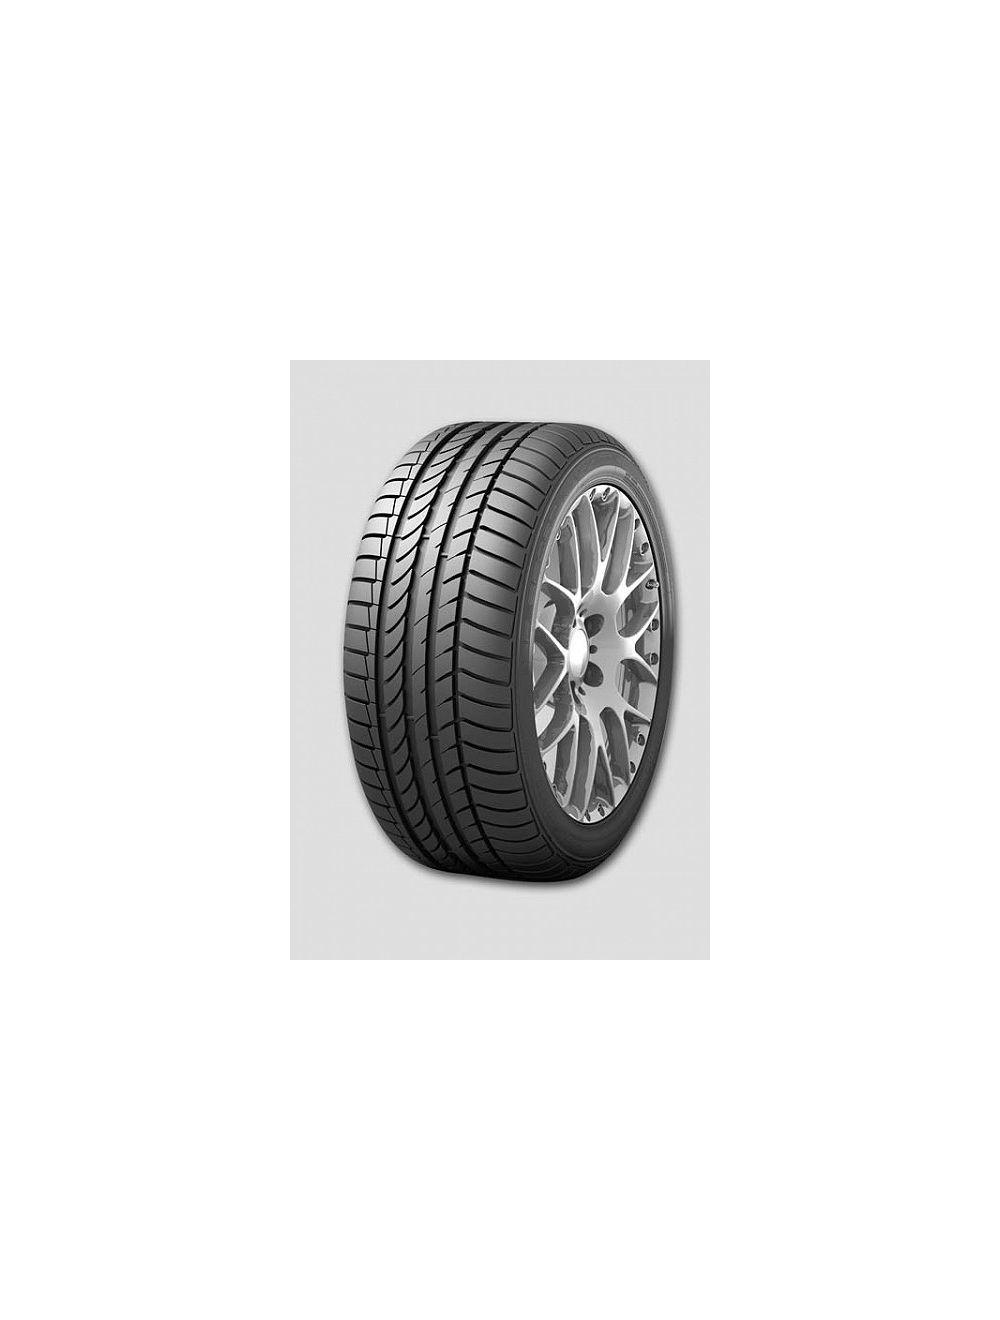 Dunlop 225/60R17 V SP Sport MAXX TT * Nyári gumi